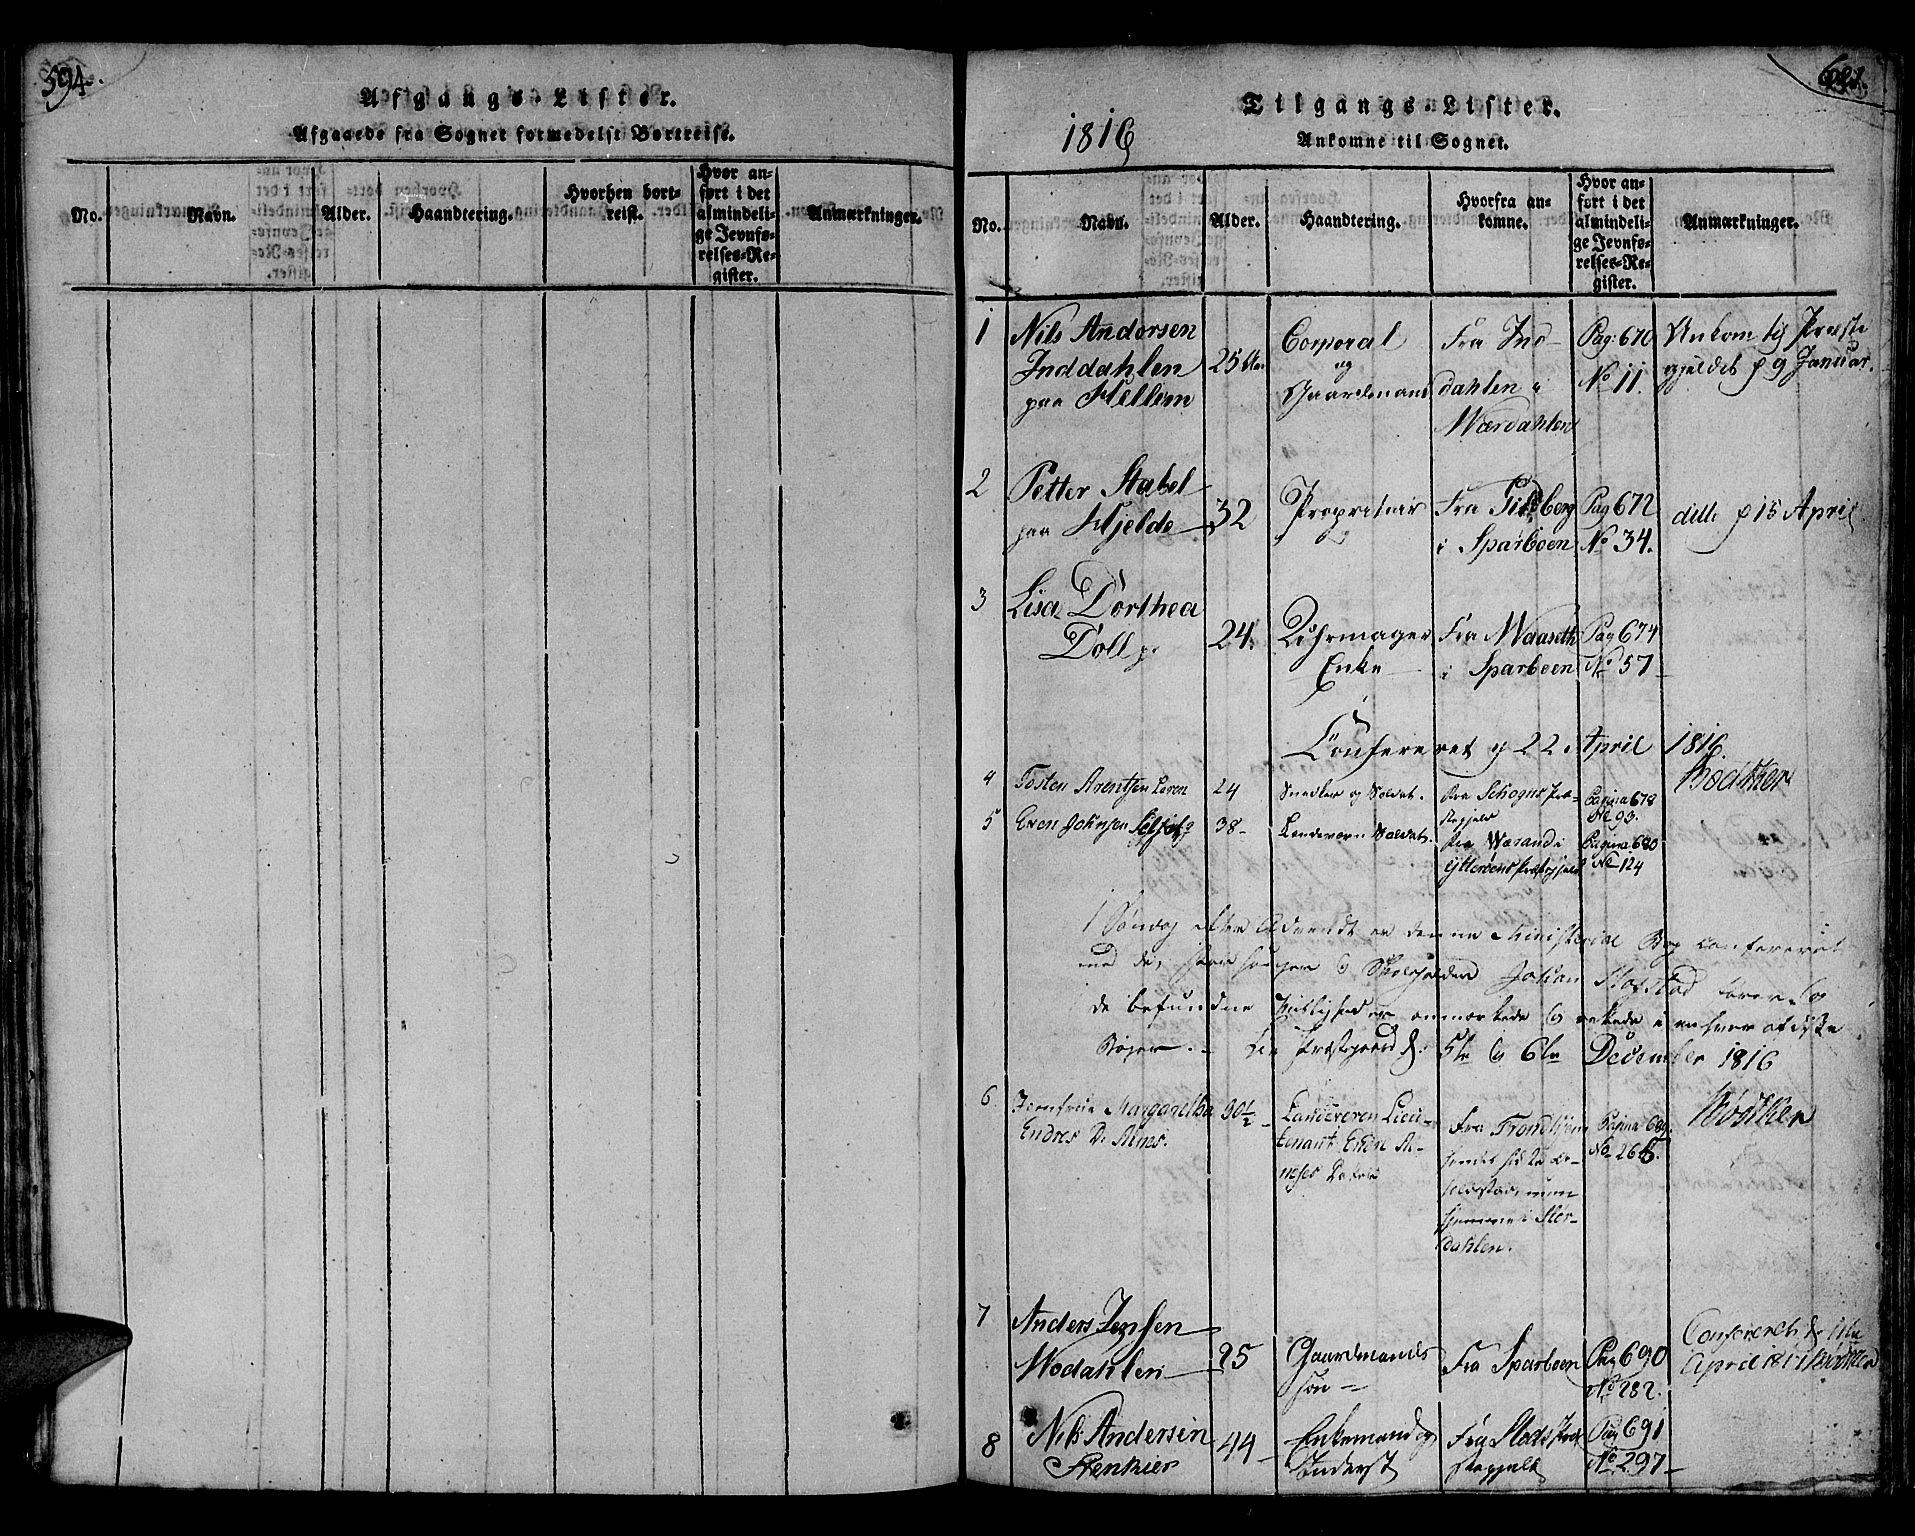 SAT, Ministerialprotokoller, klokkerbøker og fødselsregistre - Nord-Trøndelag, 730/L0275: Ministerialbok nr. 730A04, 1816-1822, s. 594-621